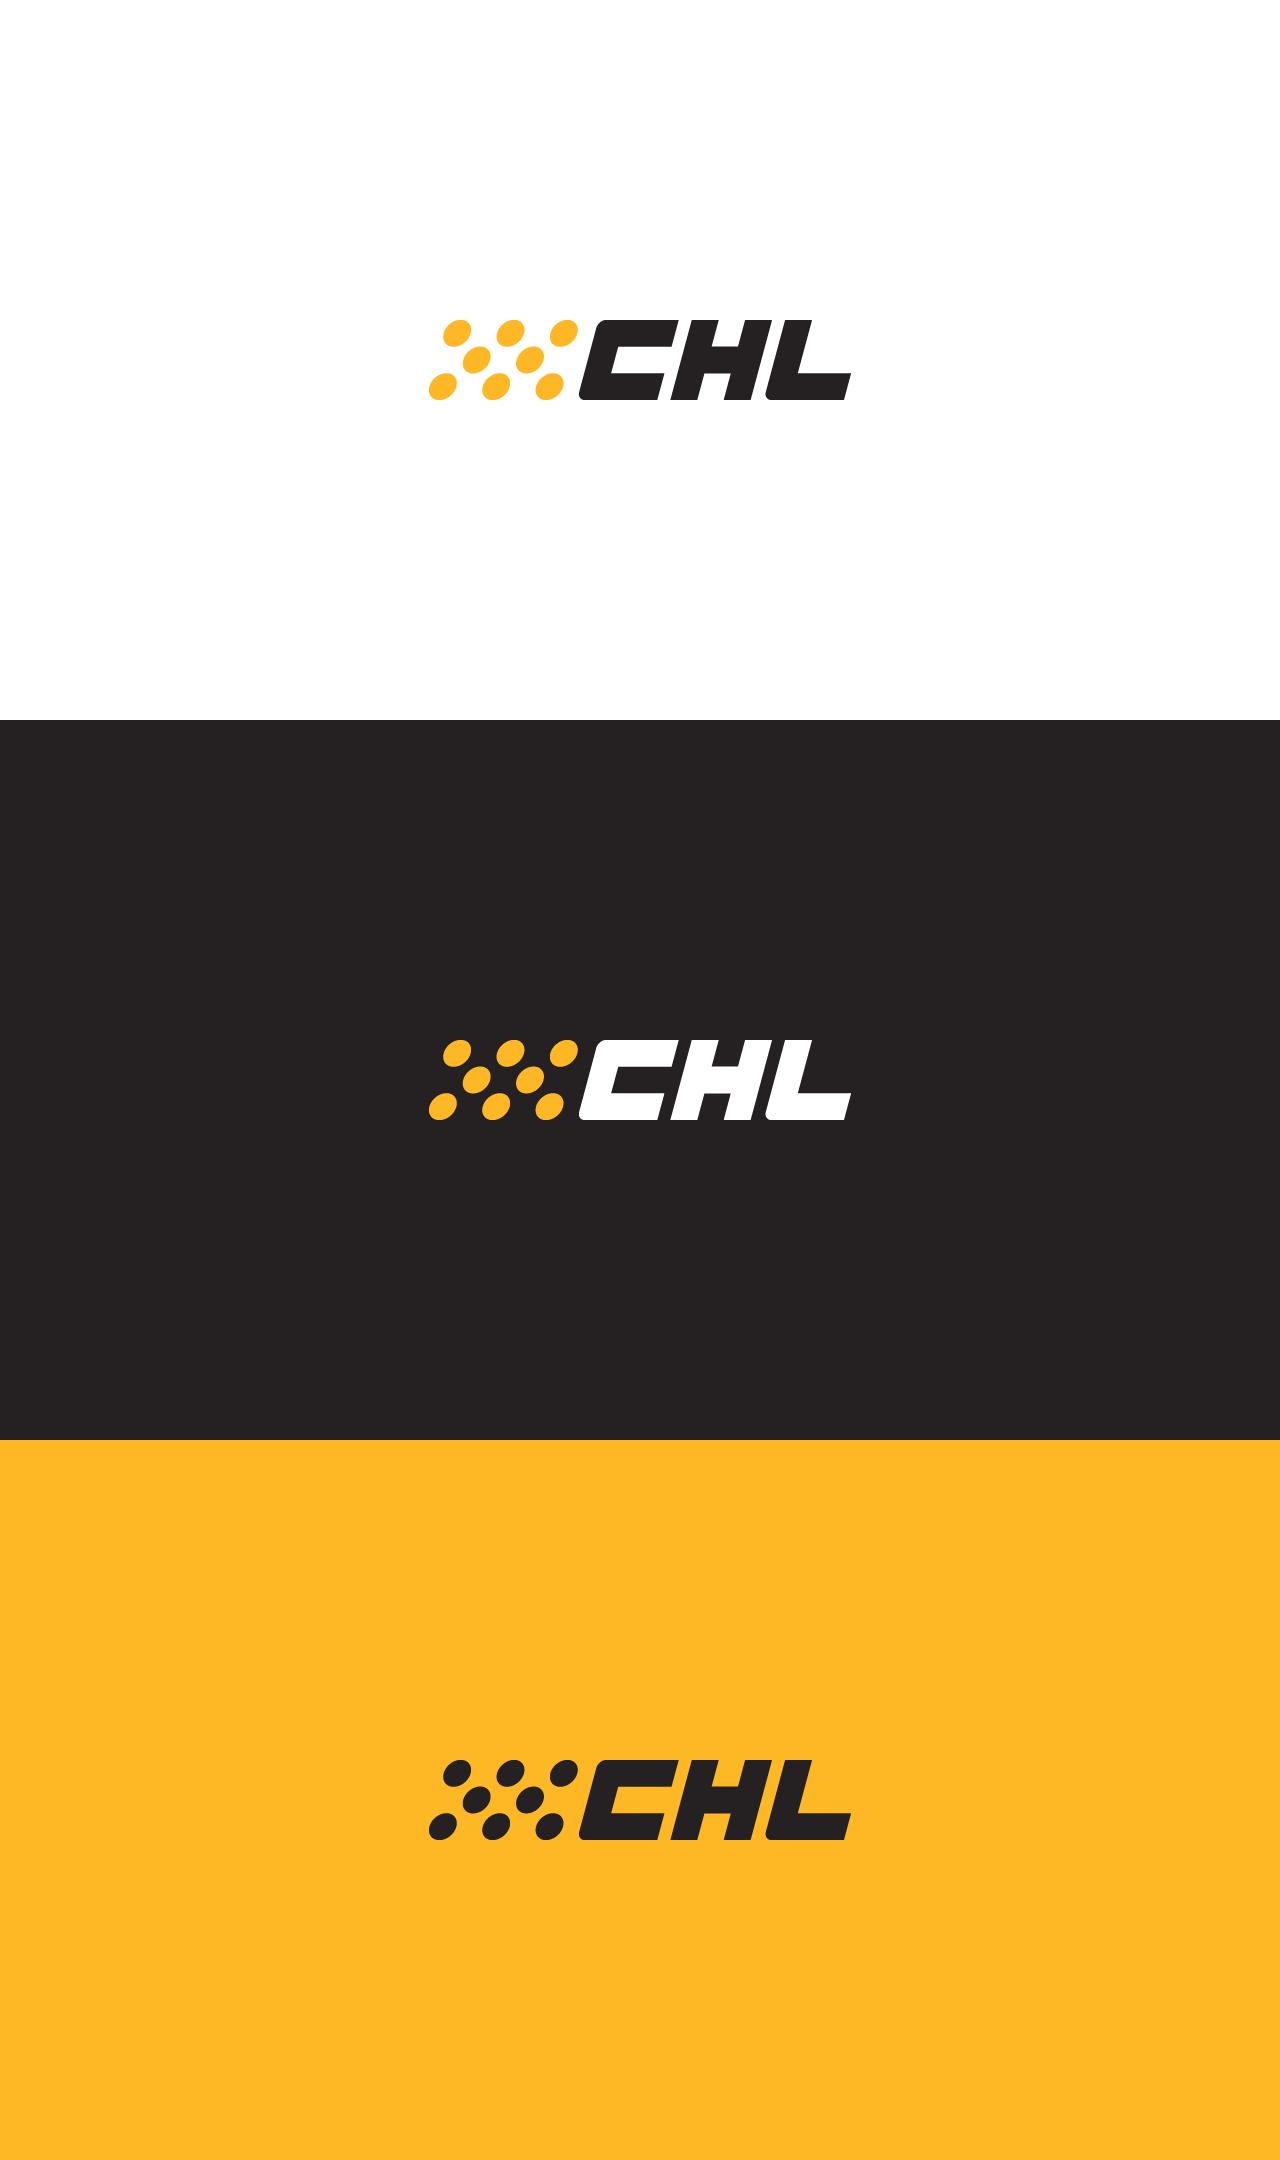 разработка логотипа для производителя фар фото f_6615f5de46c496a3.png